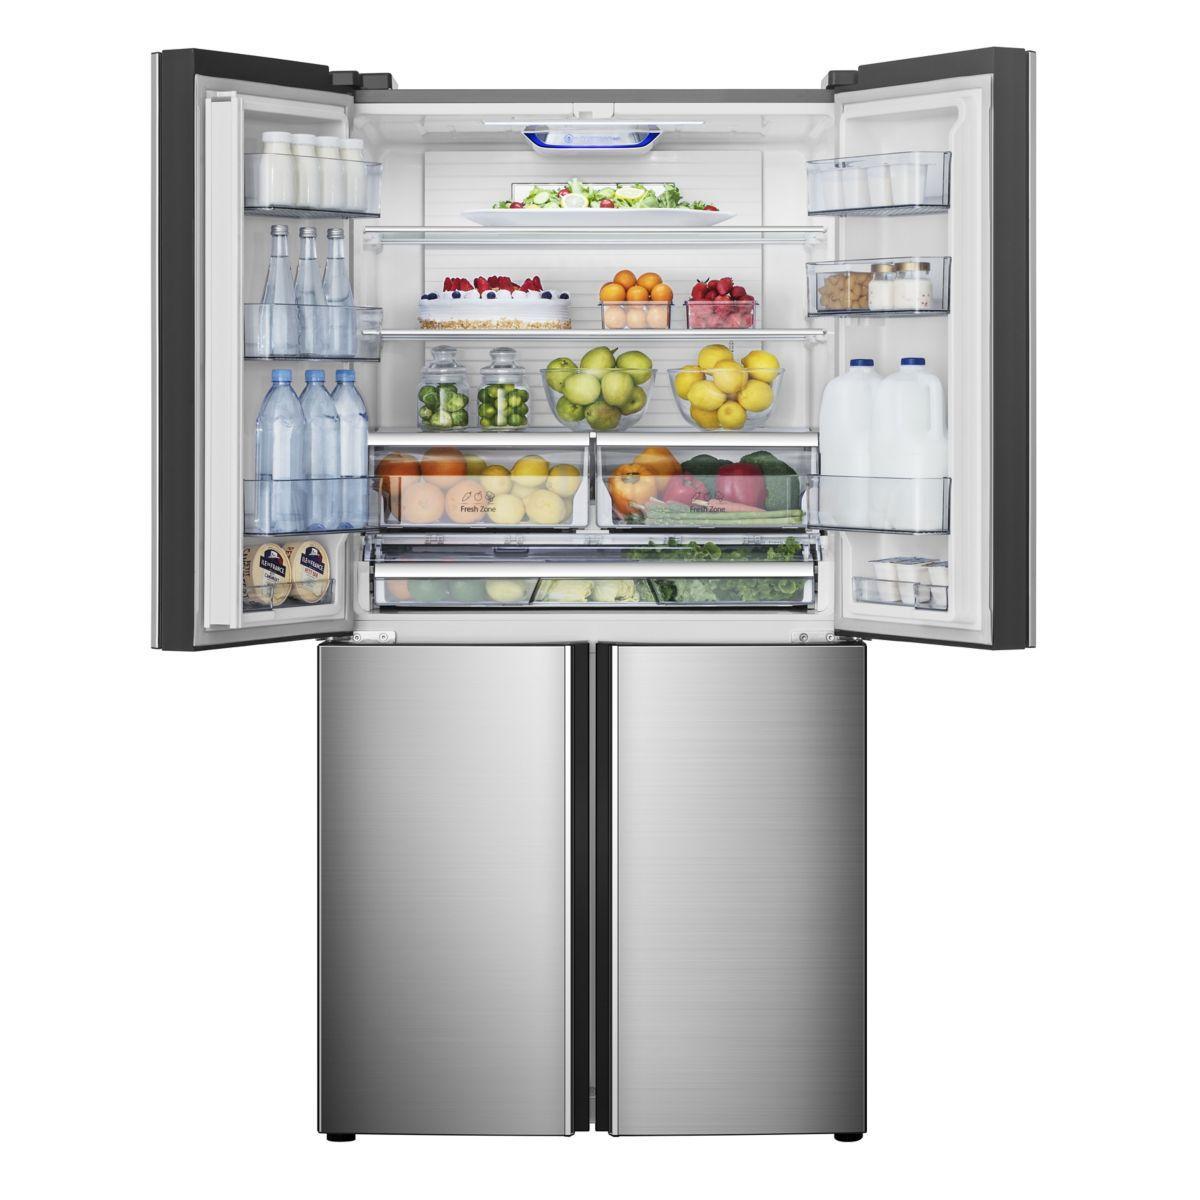 réfrigérateur américain hisense ex rq689n4at1 reconditionné | back